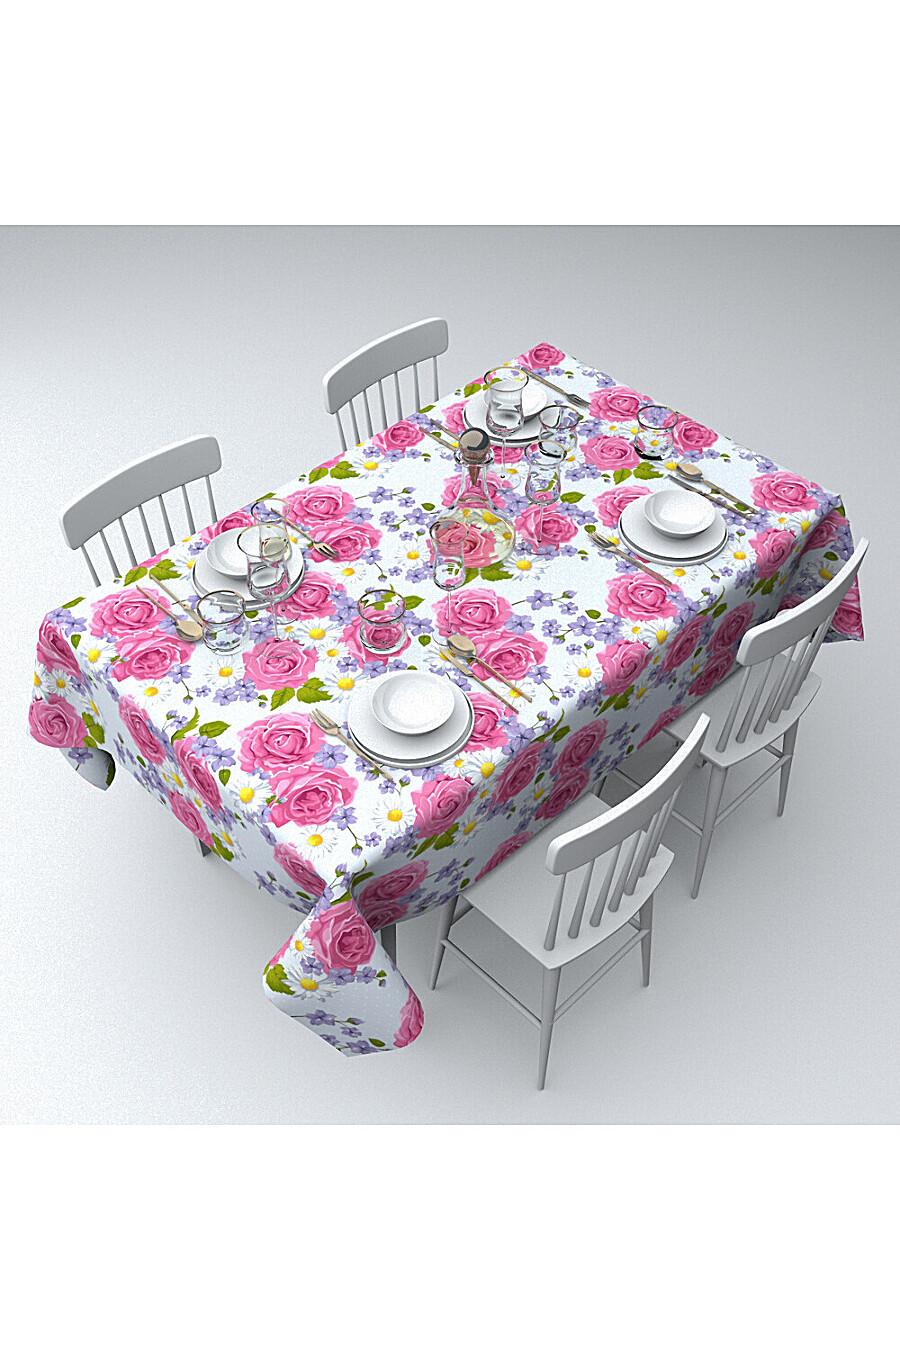 Скатерть для дома ART HOME TEXTILE 180535 купить оптом от производителя. Совместная покупка товаров для дома в OptMoyo